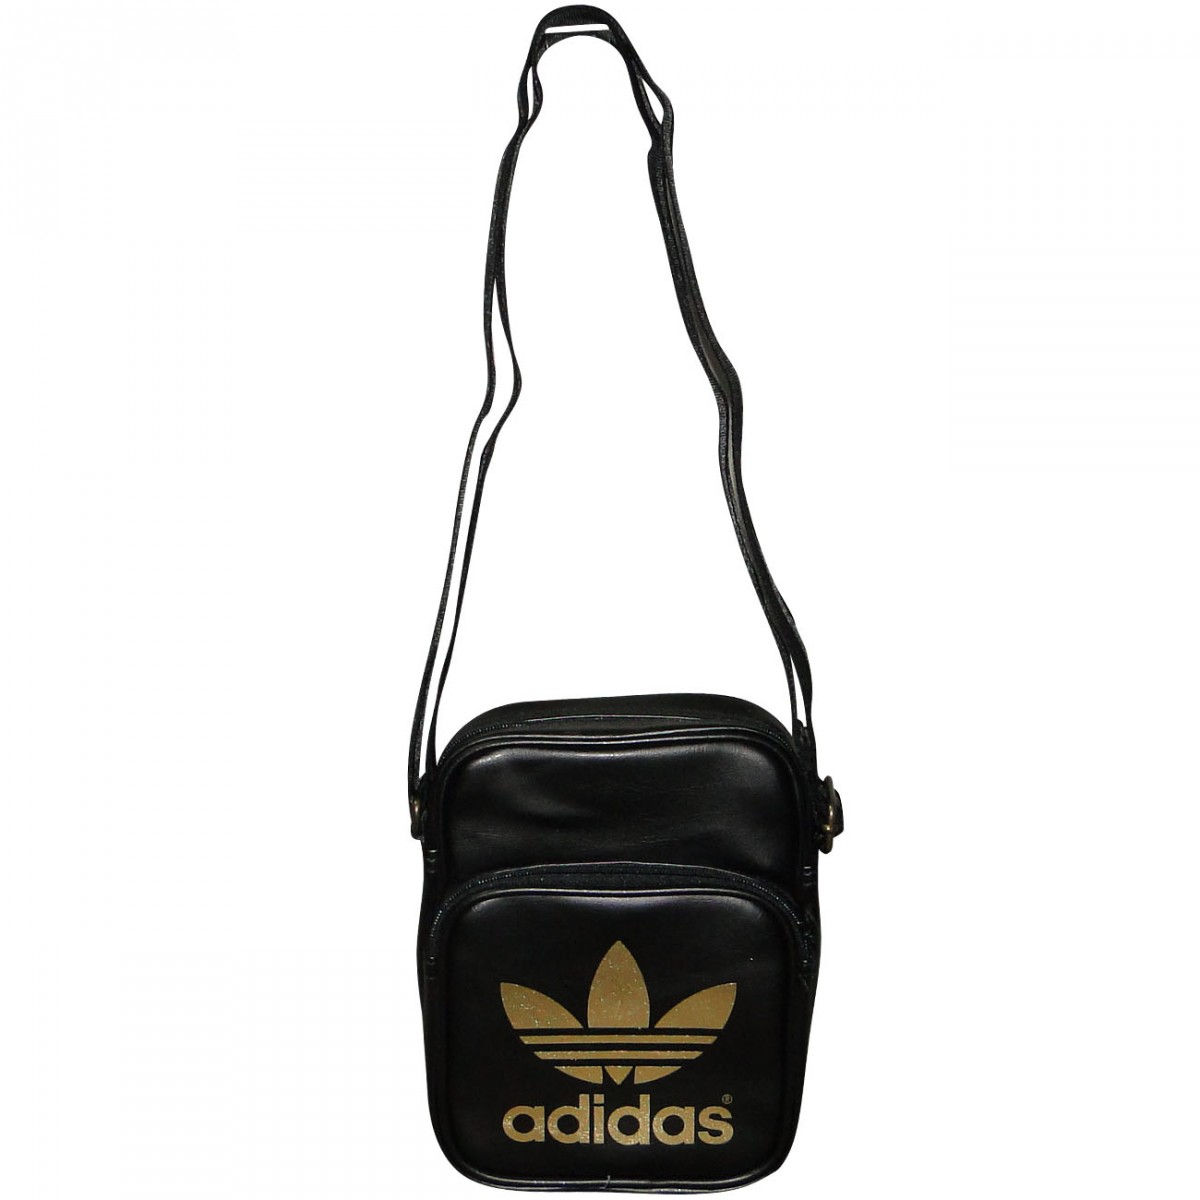 cf42899be Bolsa Adidas Mini Bag G84848 - Preto/Dourado - Chuteira Nike, Adidas.  Sandalias Femininas. Sandy Calçados